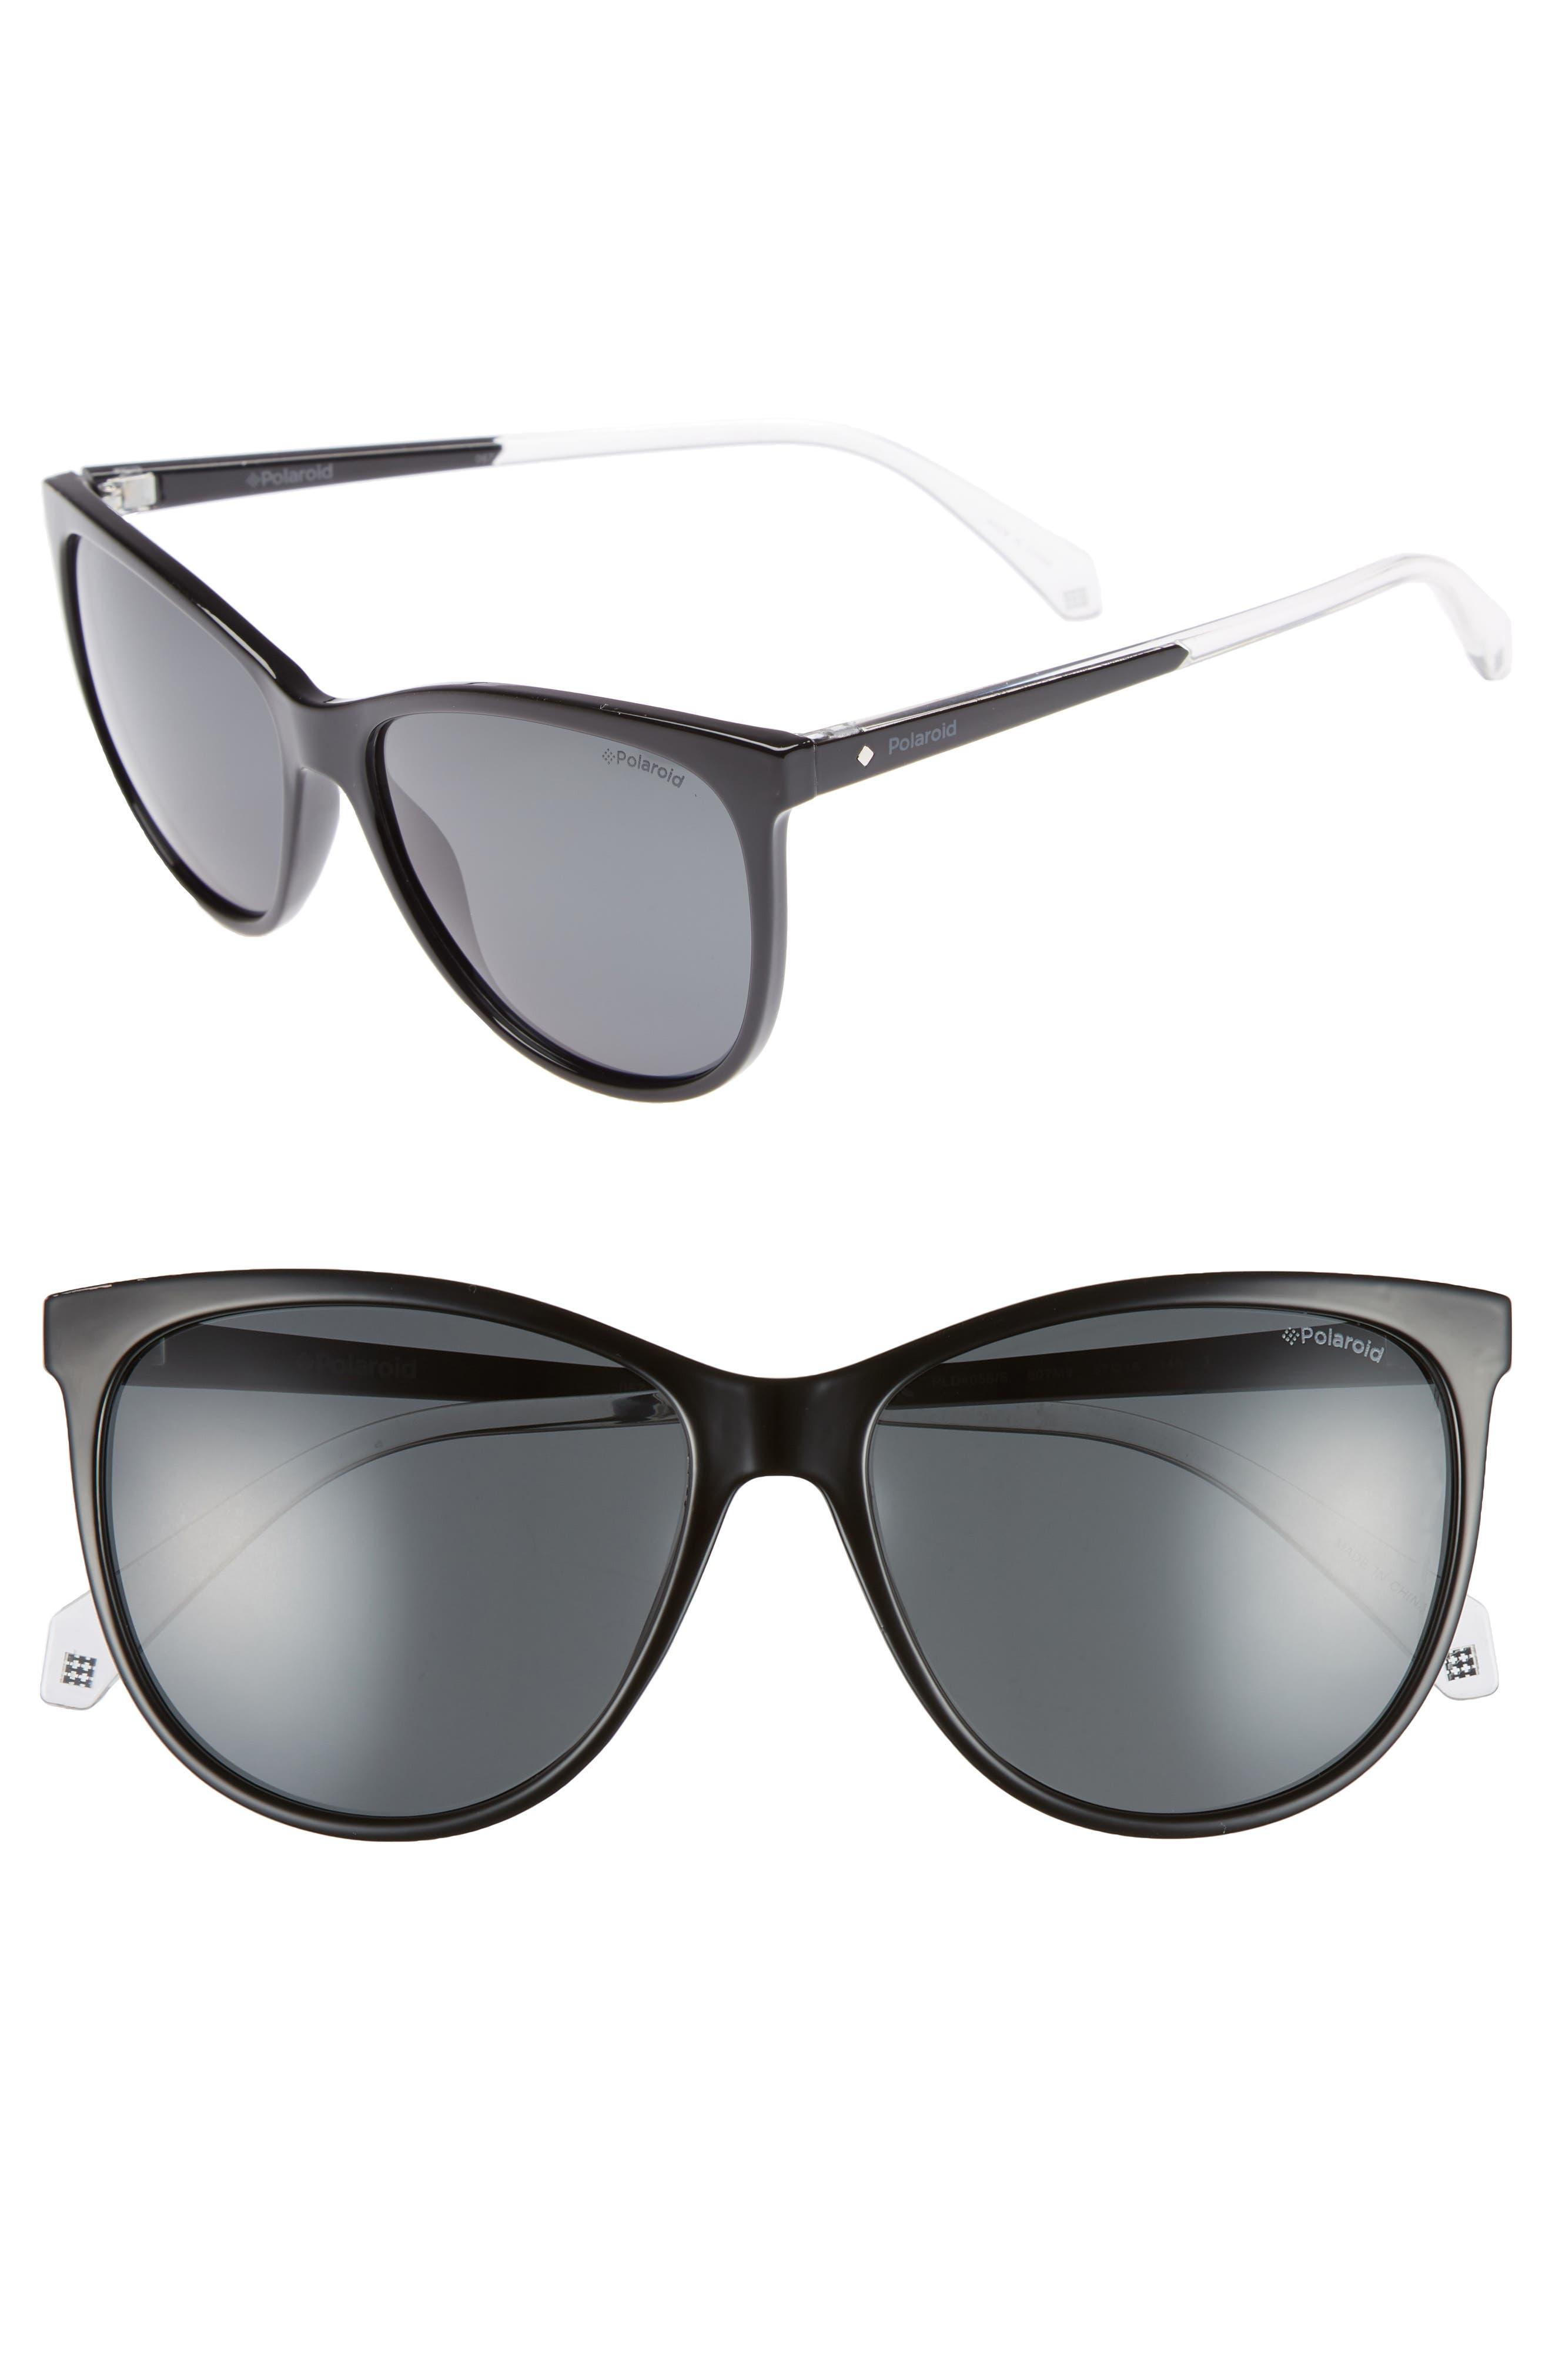 Main Image - Polaroid Basic 57mm Polarized Sunglasses